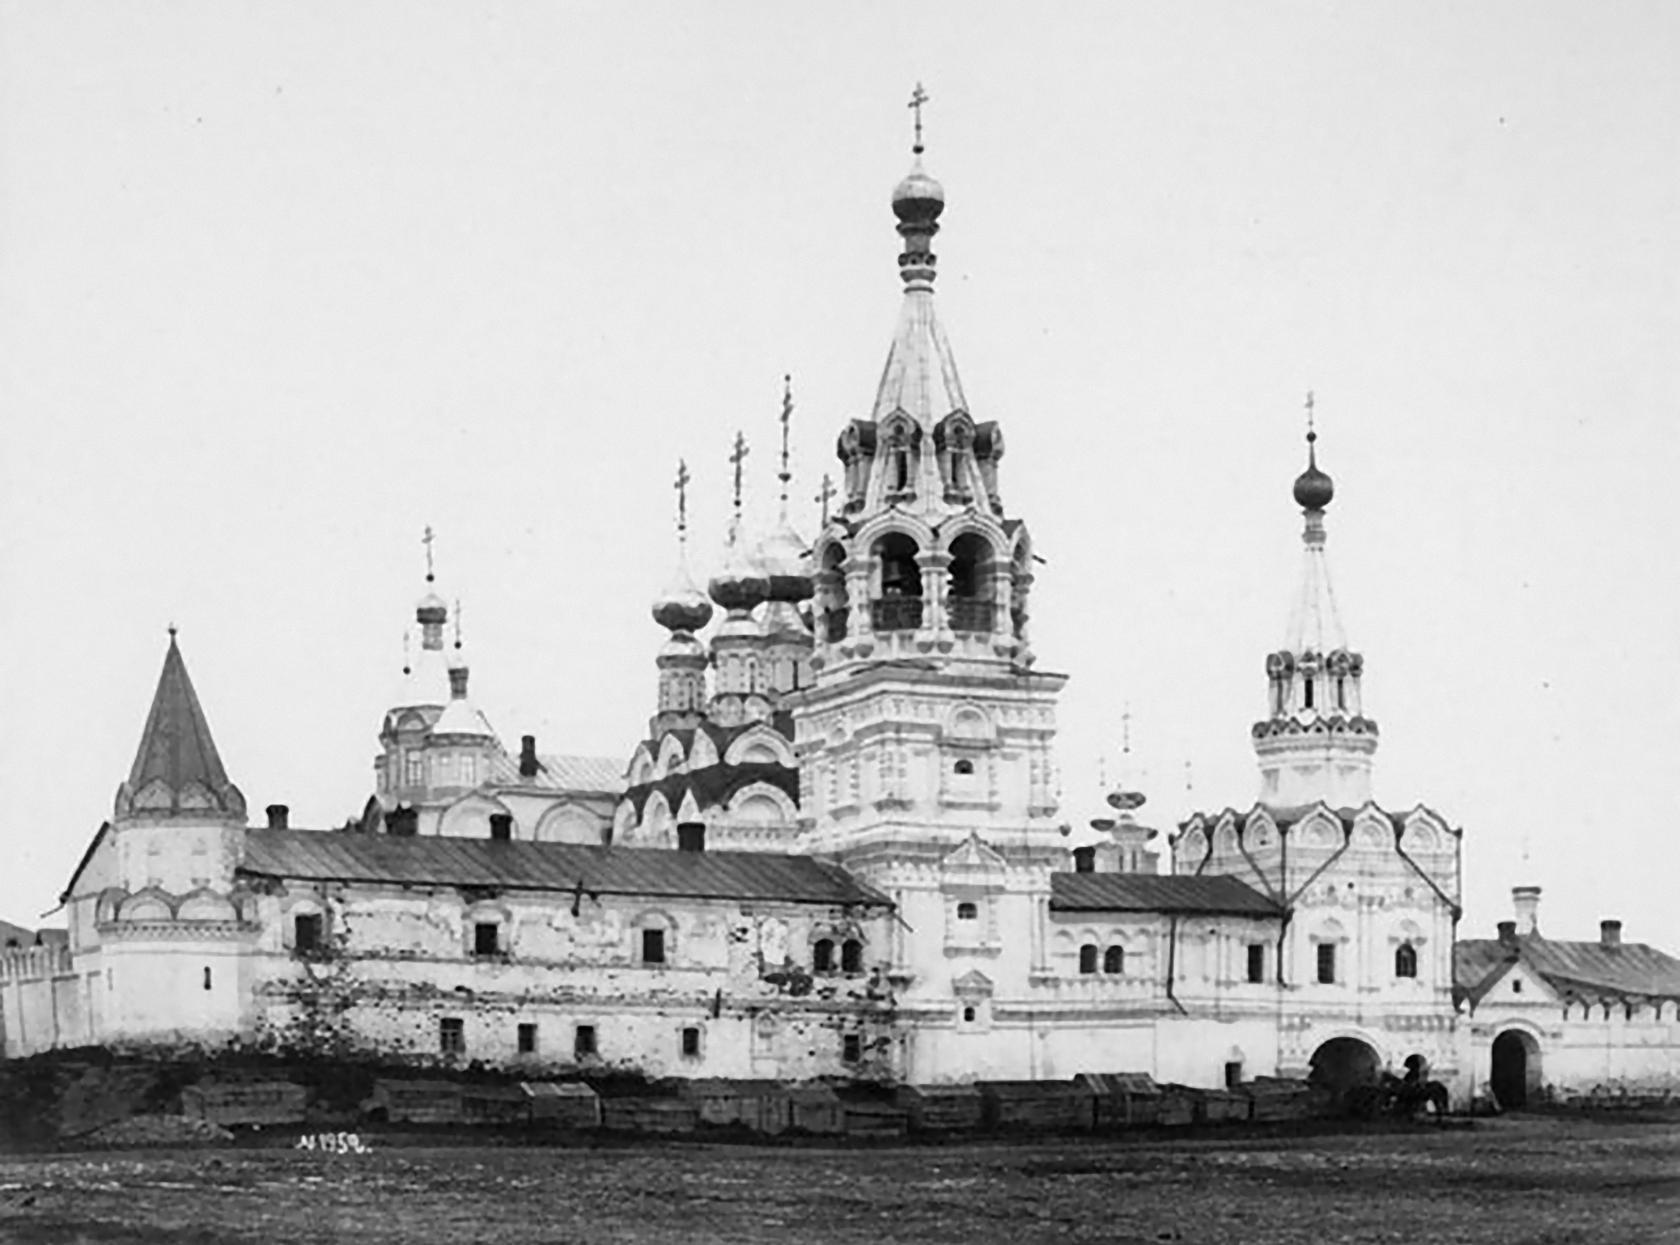 Свято-Троицкий женский монастырь.  Иван Фёдорович Барщевский. 1889